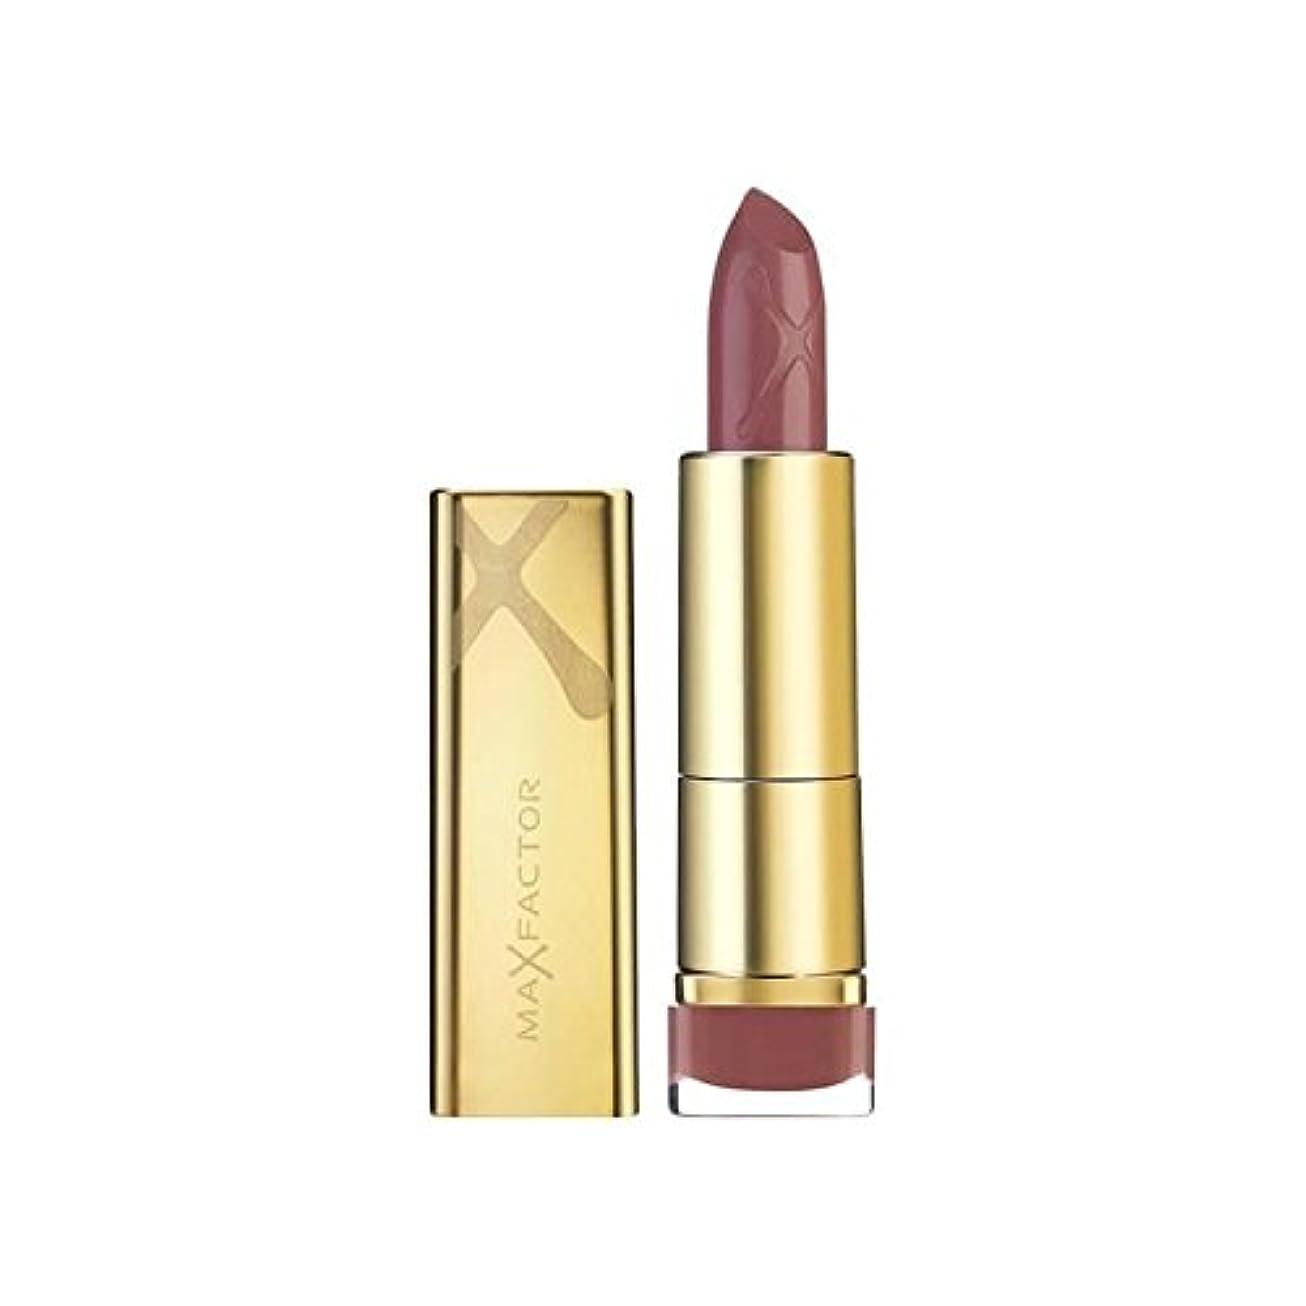 家具正直宿マックスファクターカラーエリクシルの口紅ローズウッド833 x2 - Max Factor Colour Elixir Lipstick Rosewood 833 (Pack of 2) [並行輸入品]